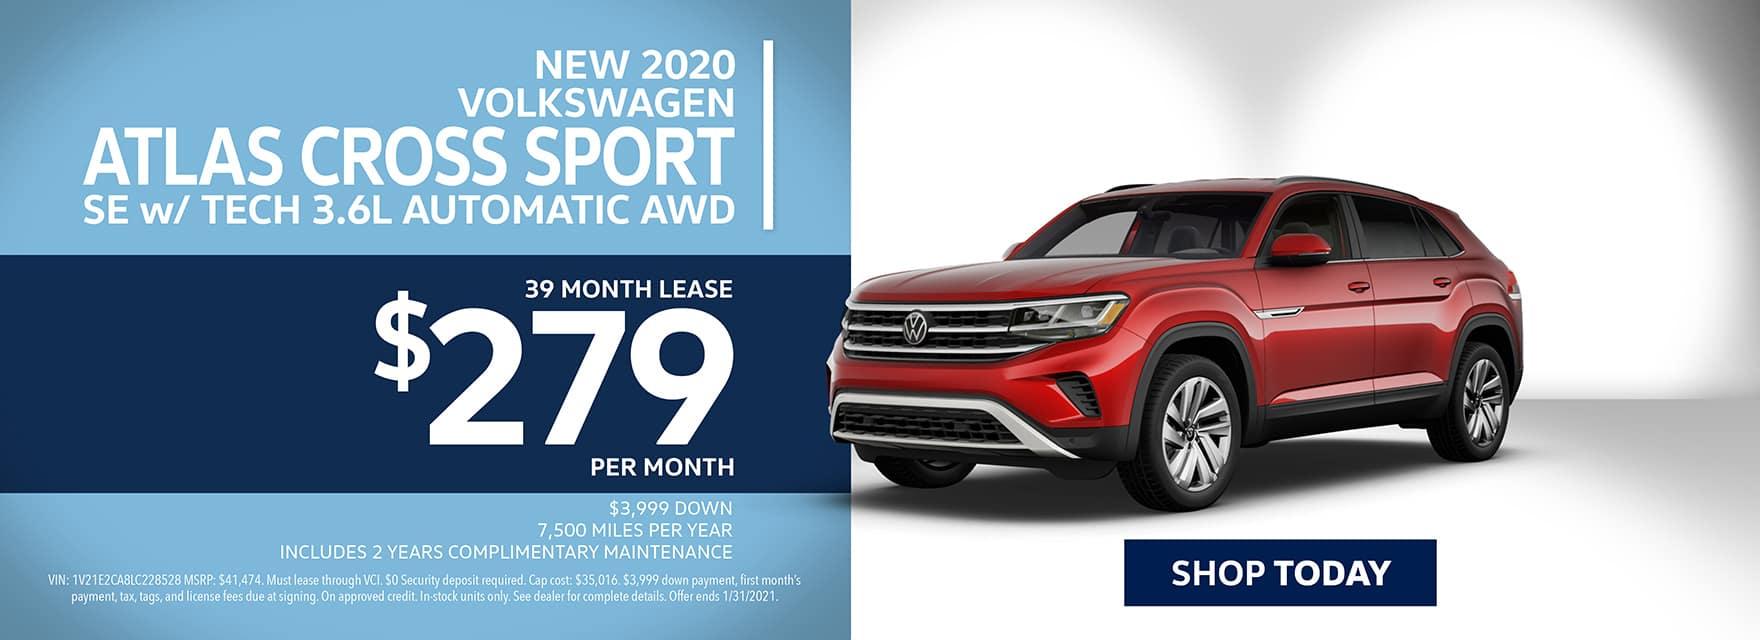 New 2020 Volkswagen Atlas Cross Sport